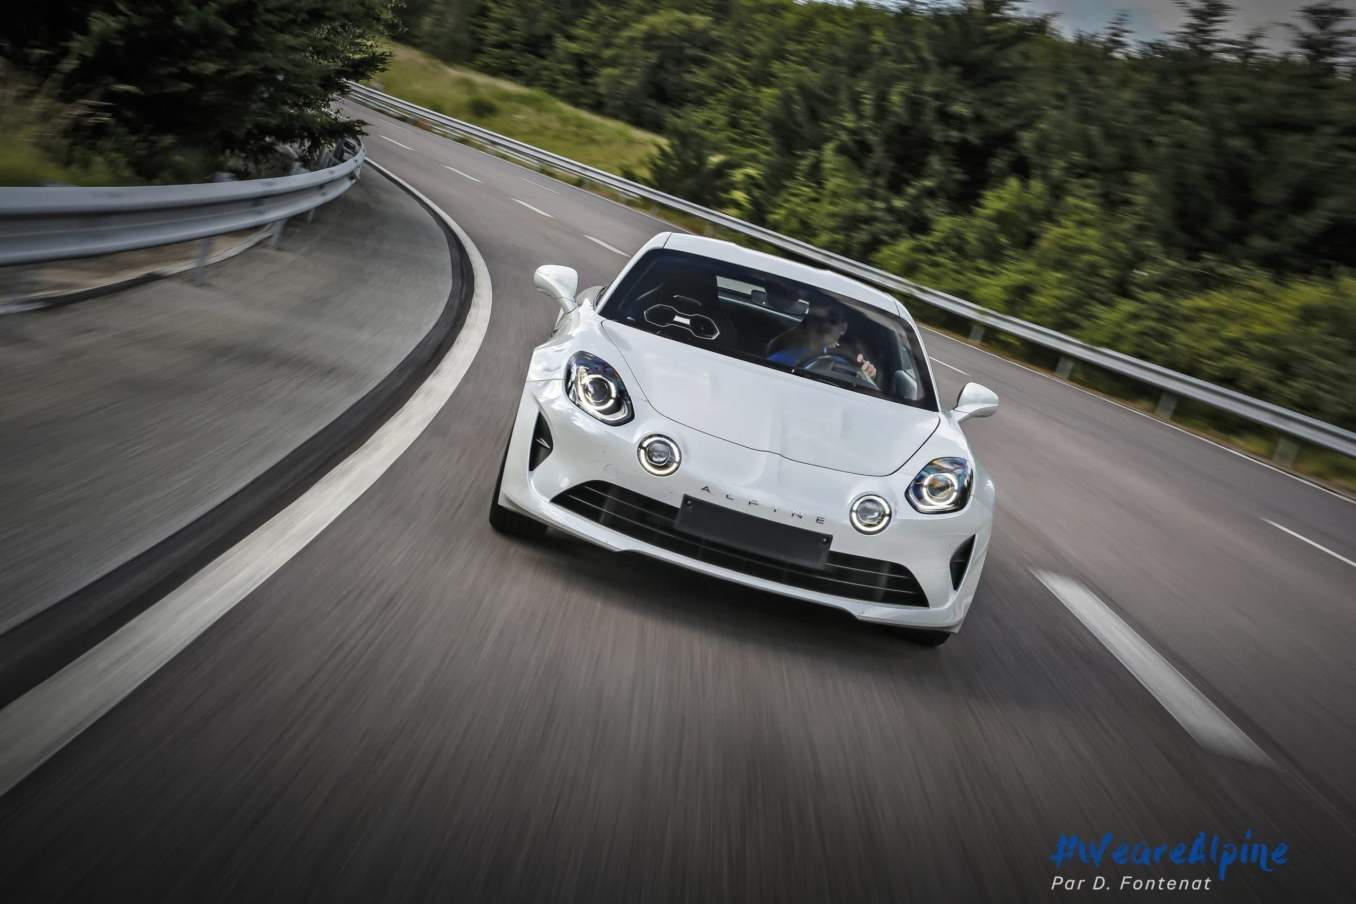 DF18696©D.Fontenat scaled | Essai vidéo de la nouvelle Alpine A110 sur circuit en exclusivité mondiale !